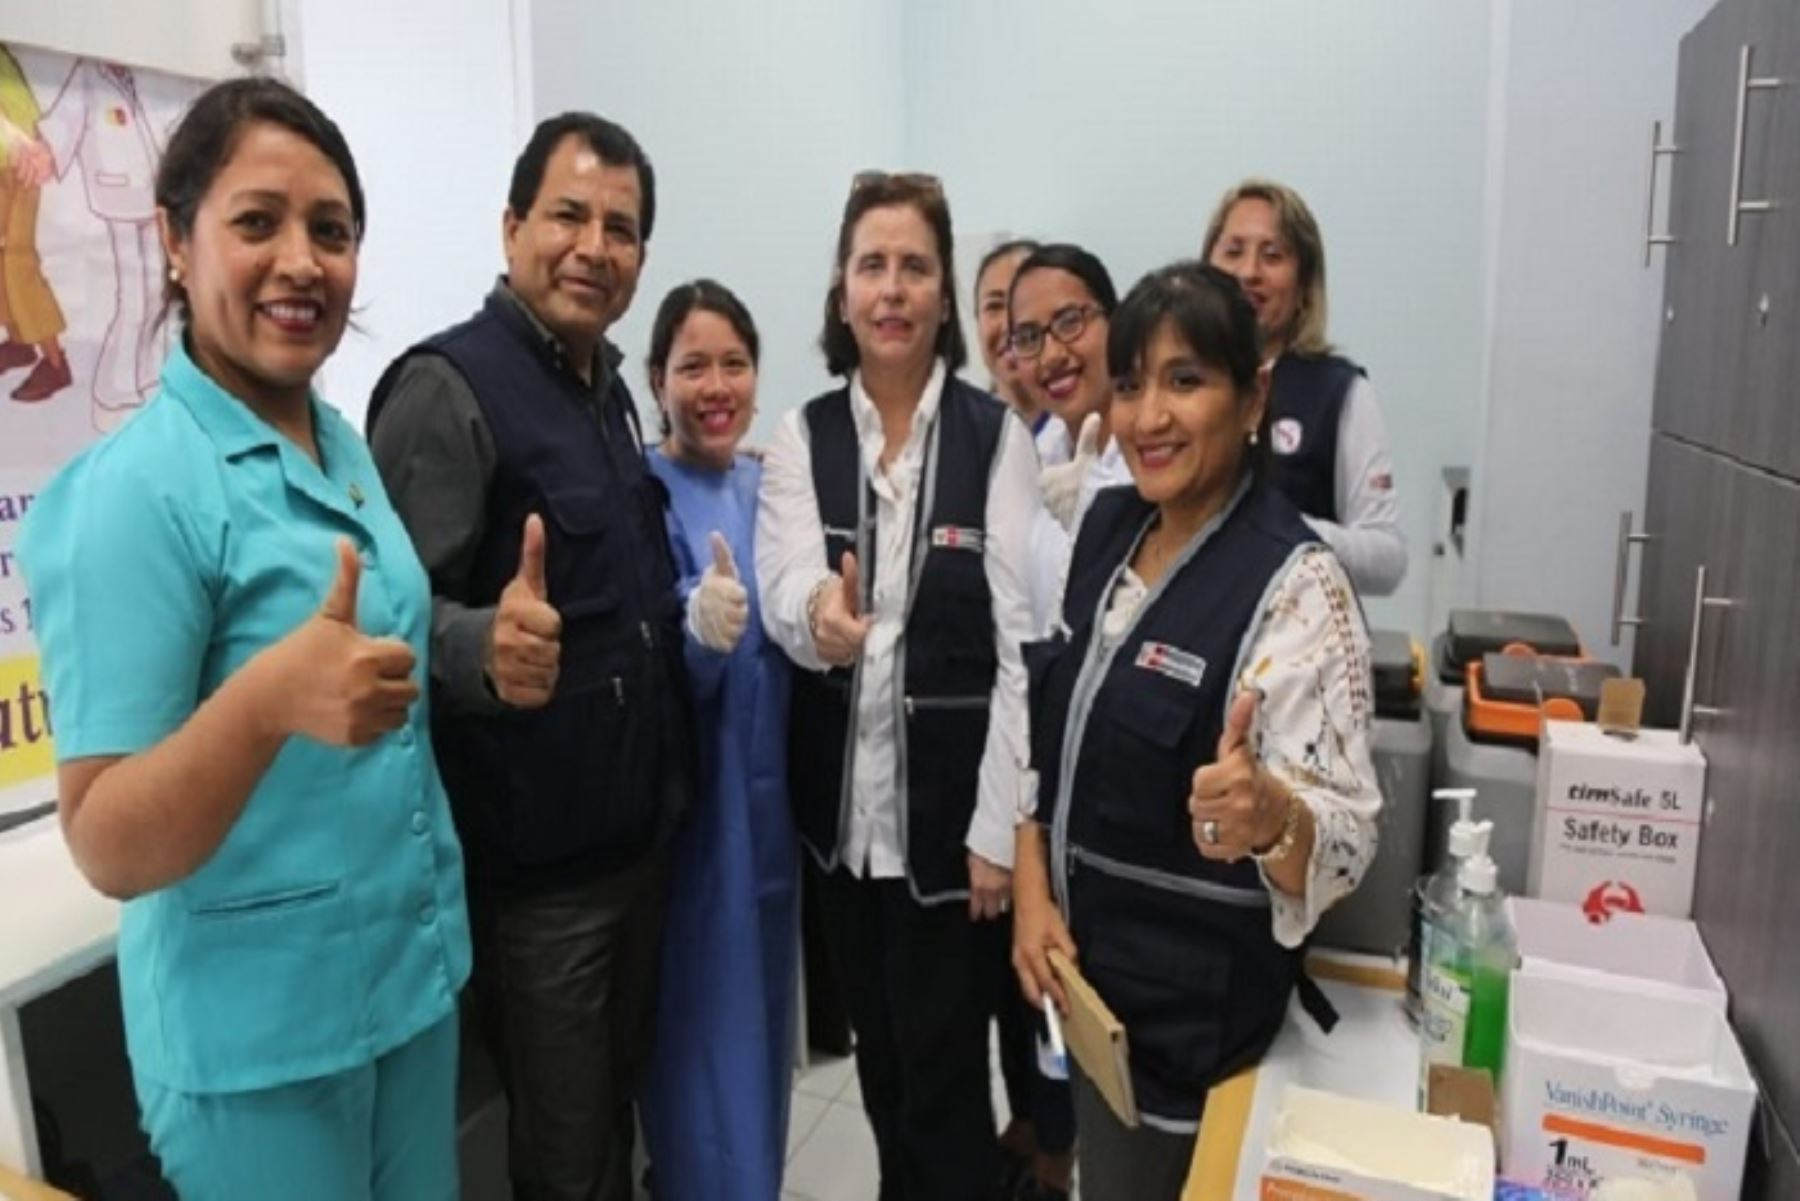 La publicación de la norma que implementa puestos de vacunación en las zonas de frontera del país, como parte de las medidas preventivas a fin de reducir el riesgo de transmisión del sarampión en la población, destacó la viceministra de Salud Pública, María del Carmen Calle.